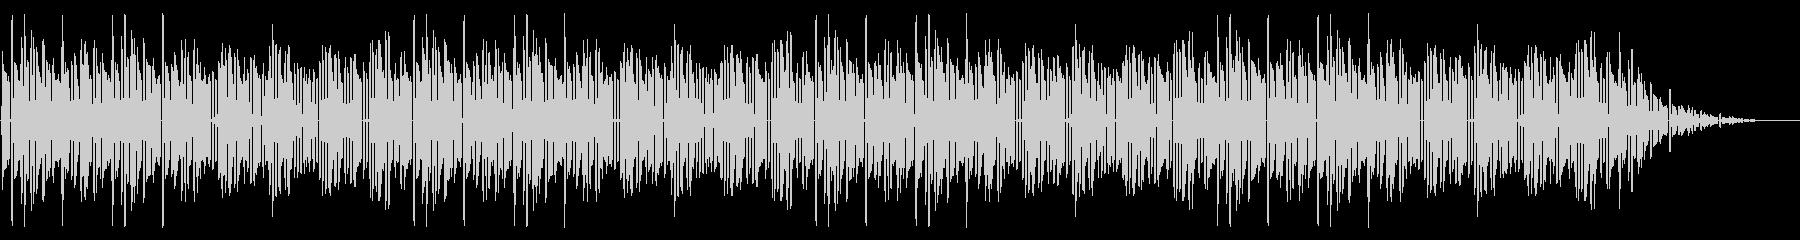 GB風レースゲームのタイトル曲の未再生の波形